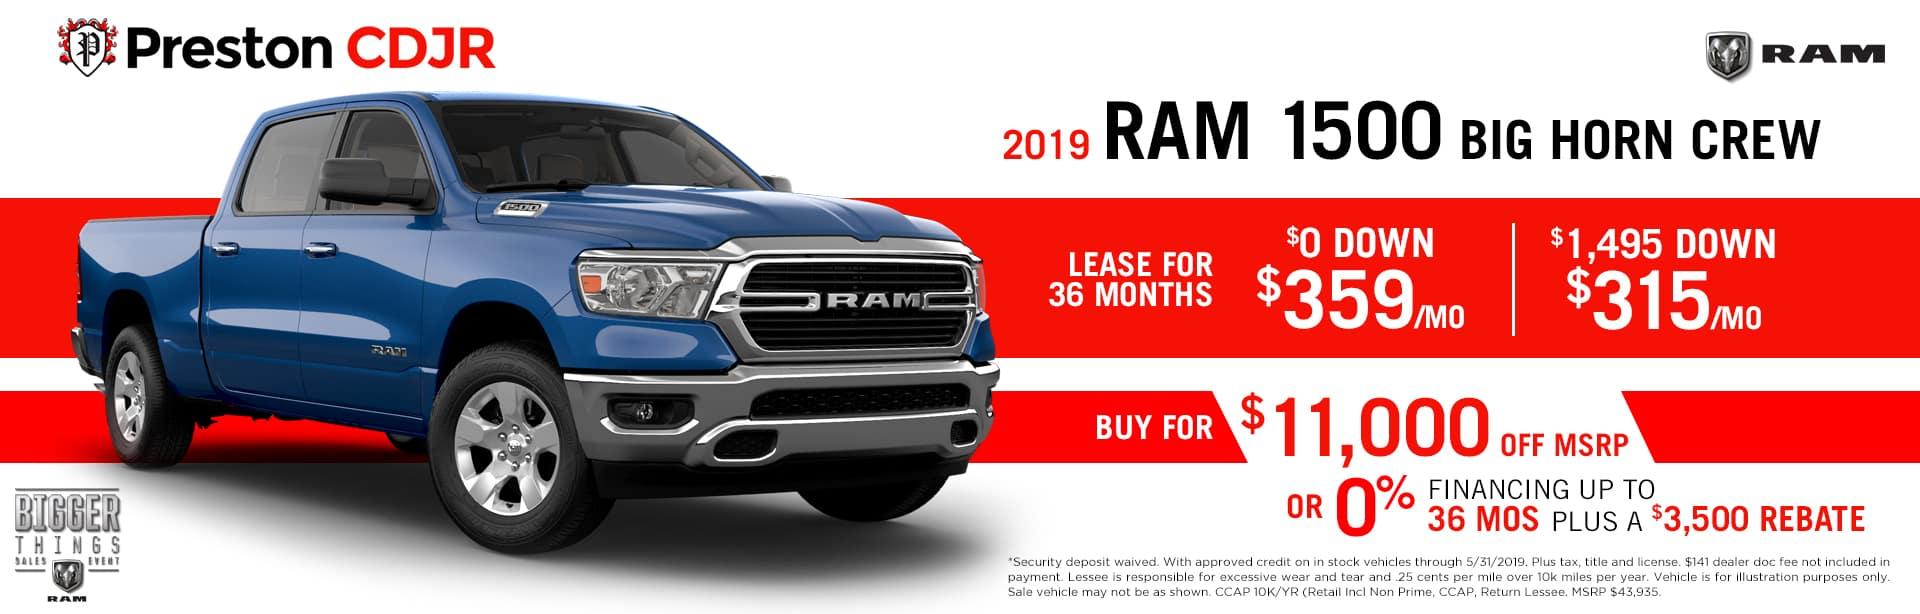 Ram 1500 Bighorn